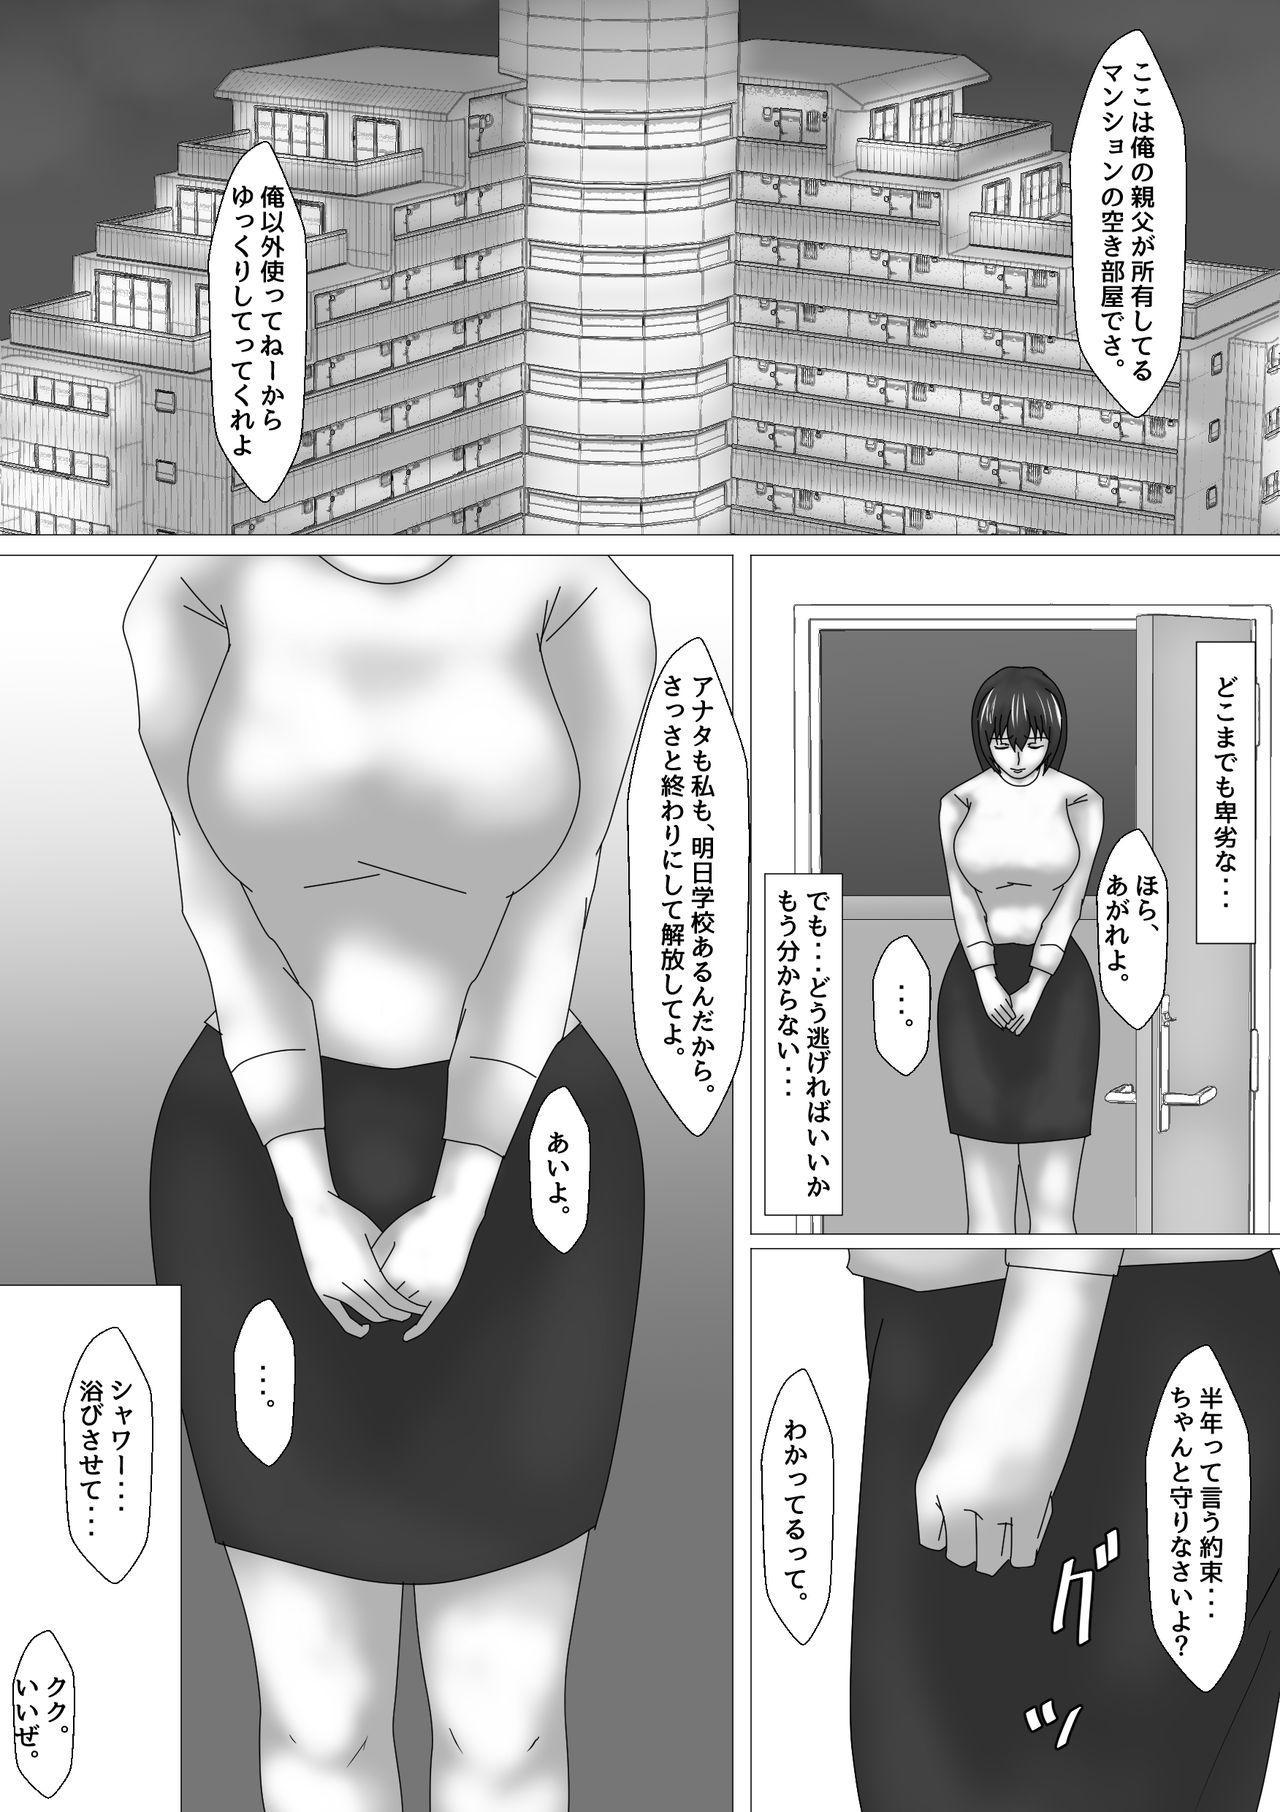 Onna Kyoushi Shinozaki Rin no Choukyou Kiroku 40